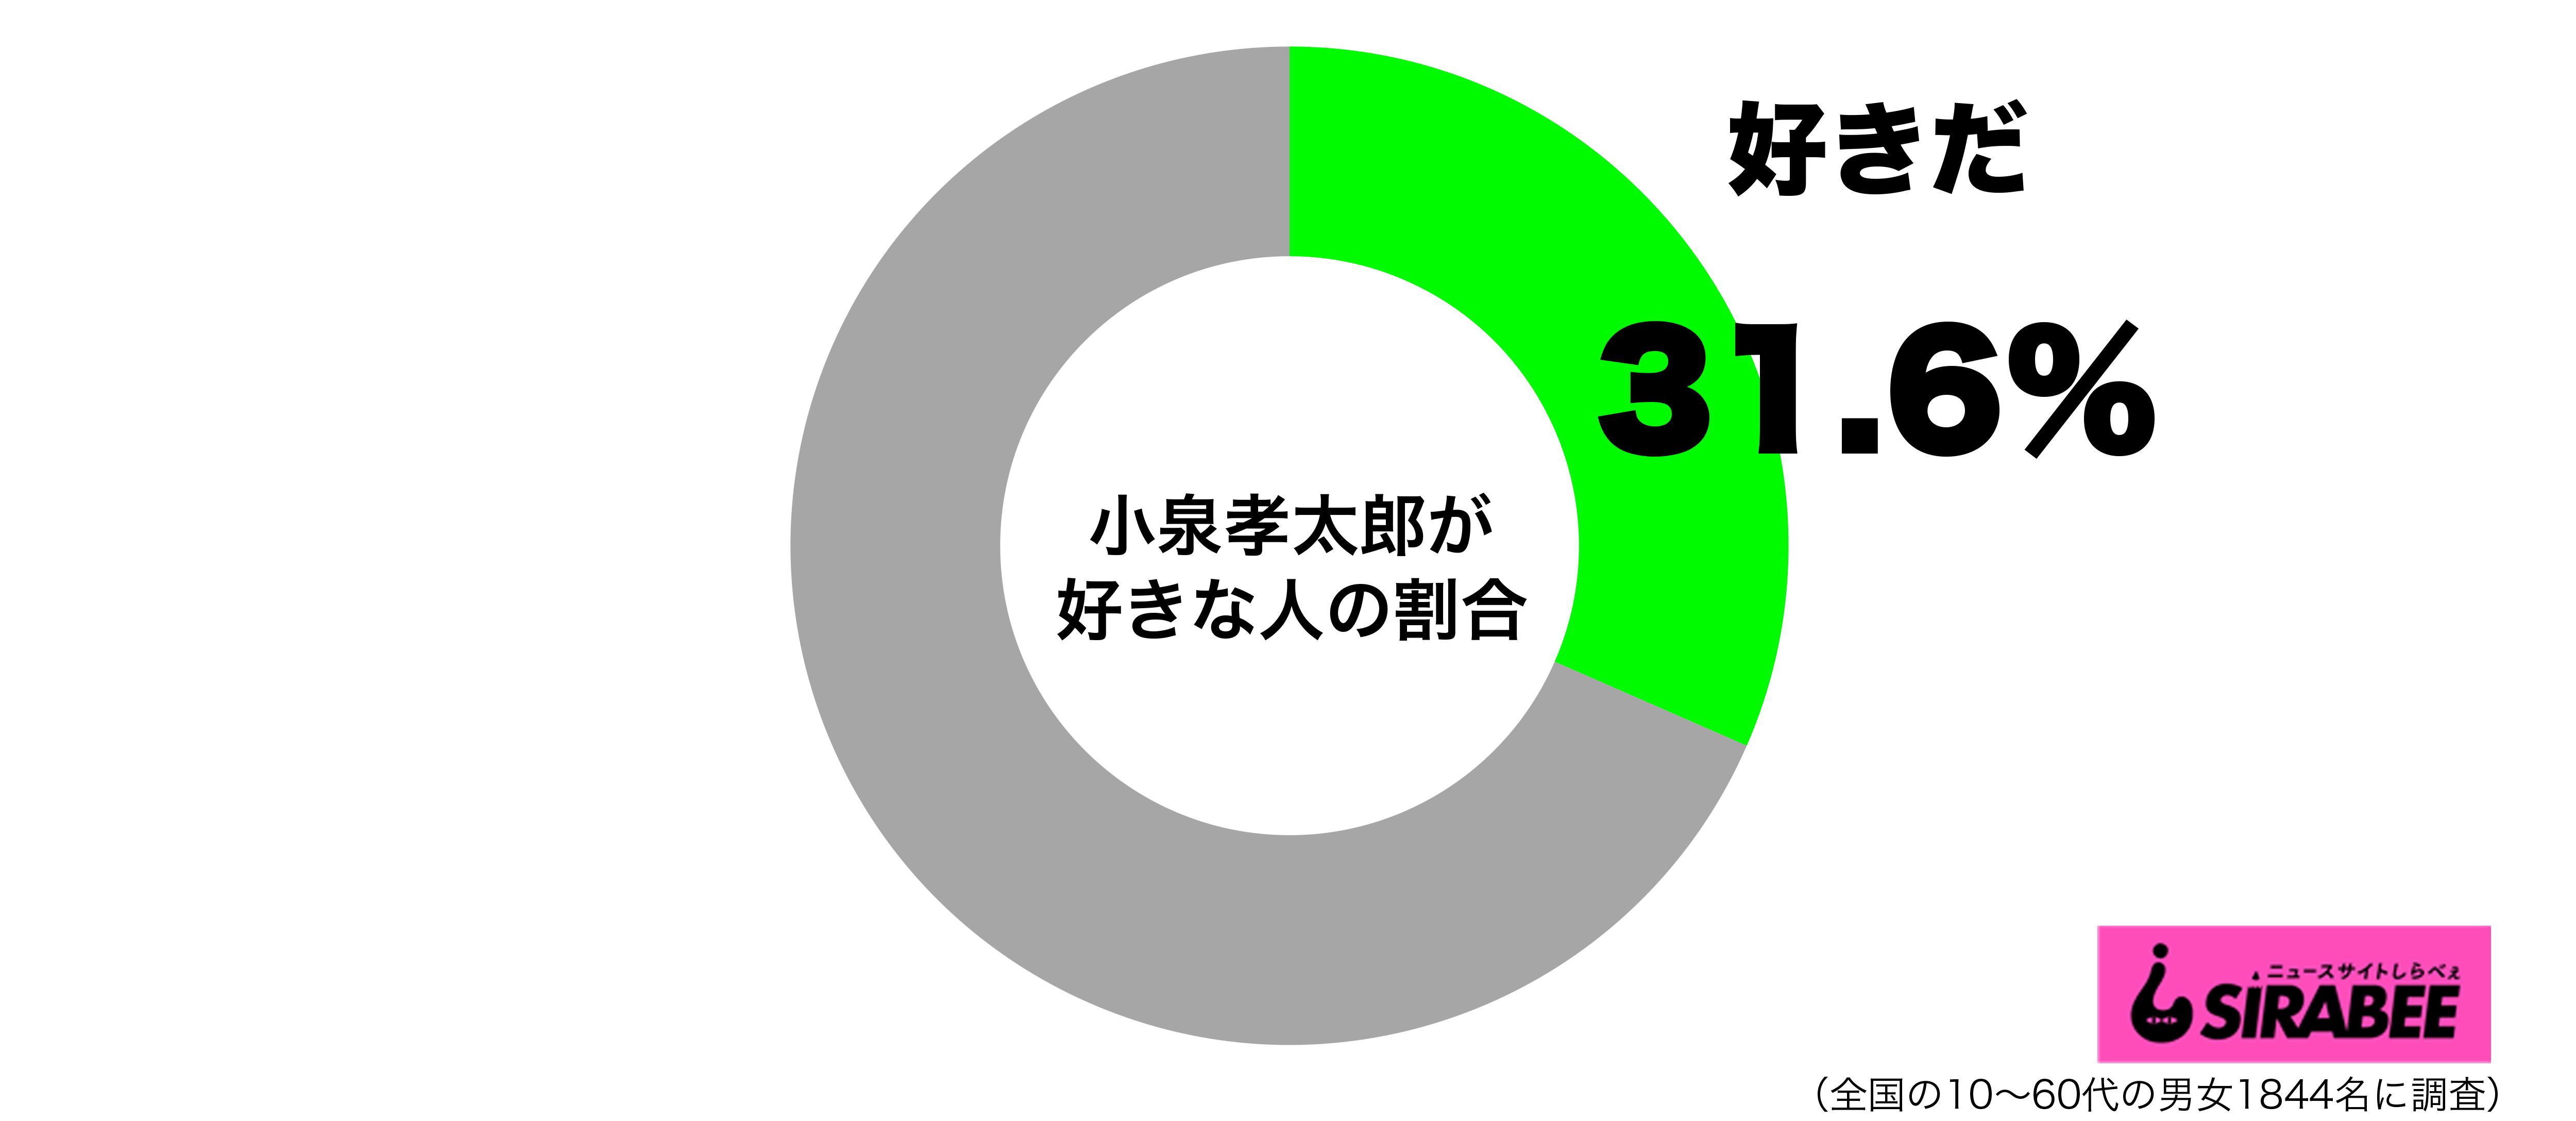 小泉孝太郎が好きグラフ